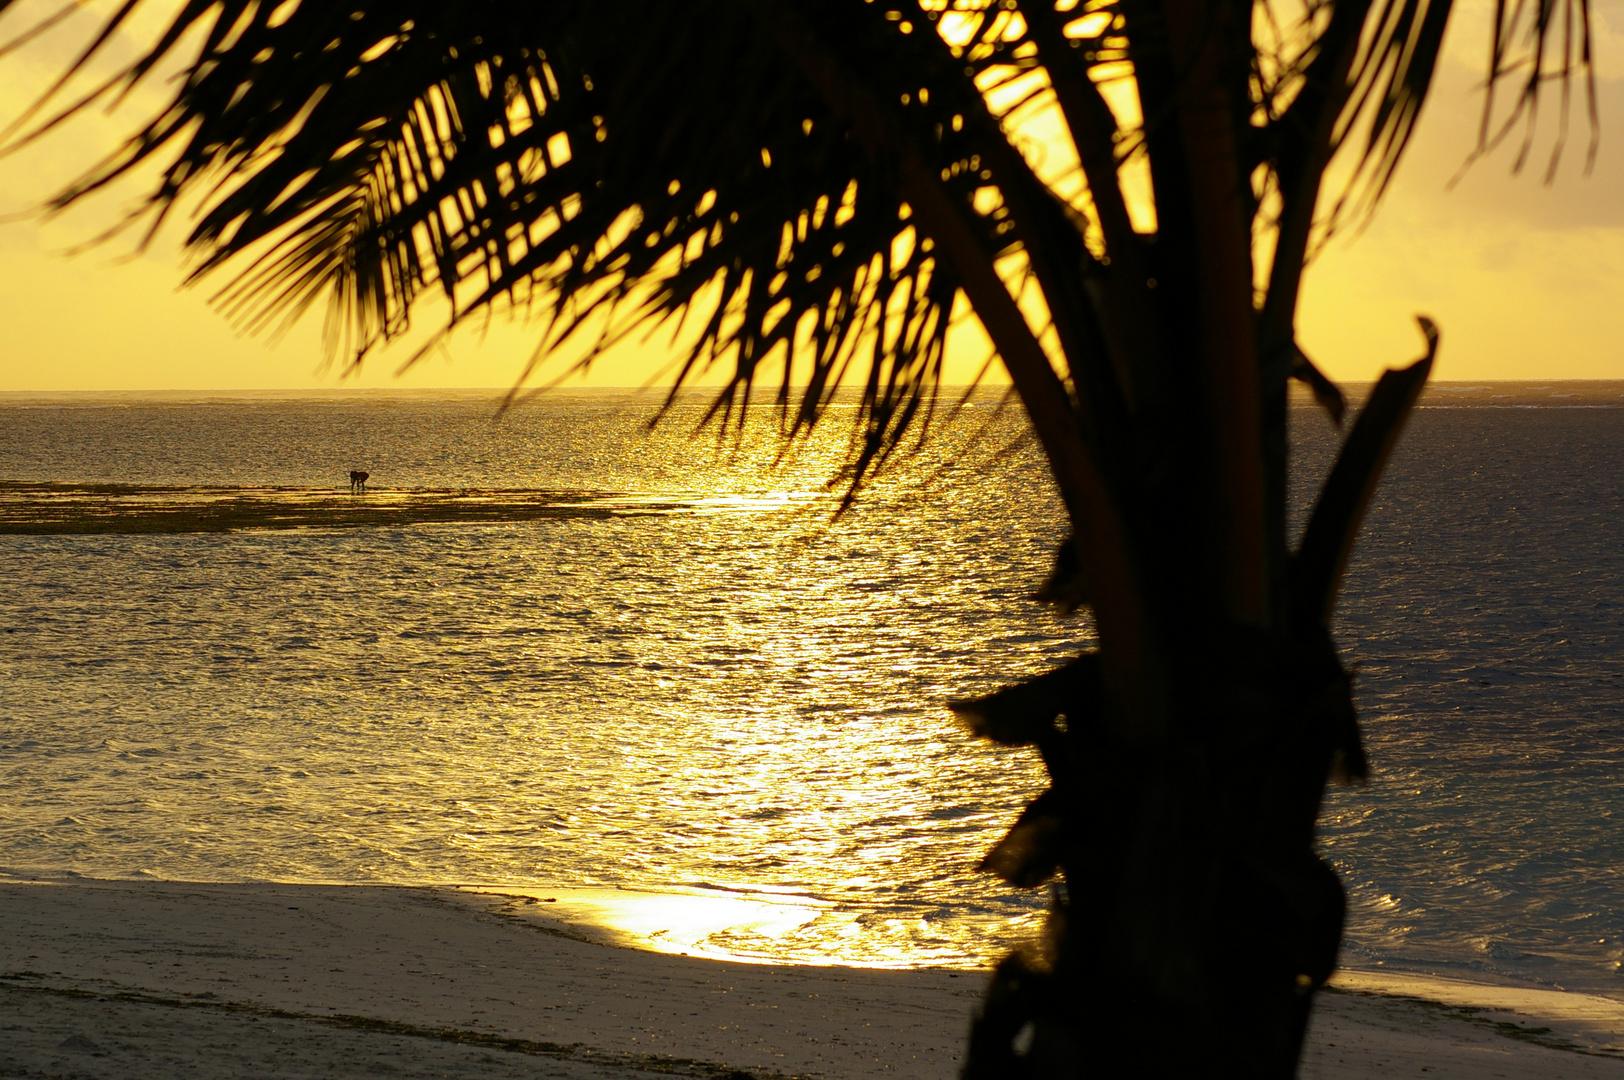 Sonnenaufgang in Ostafrika